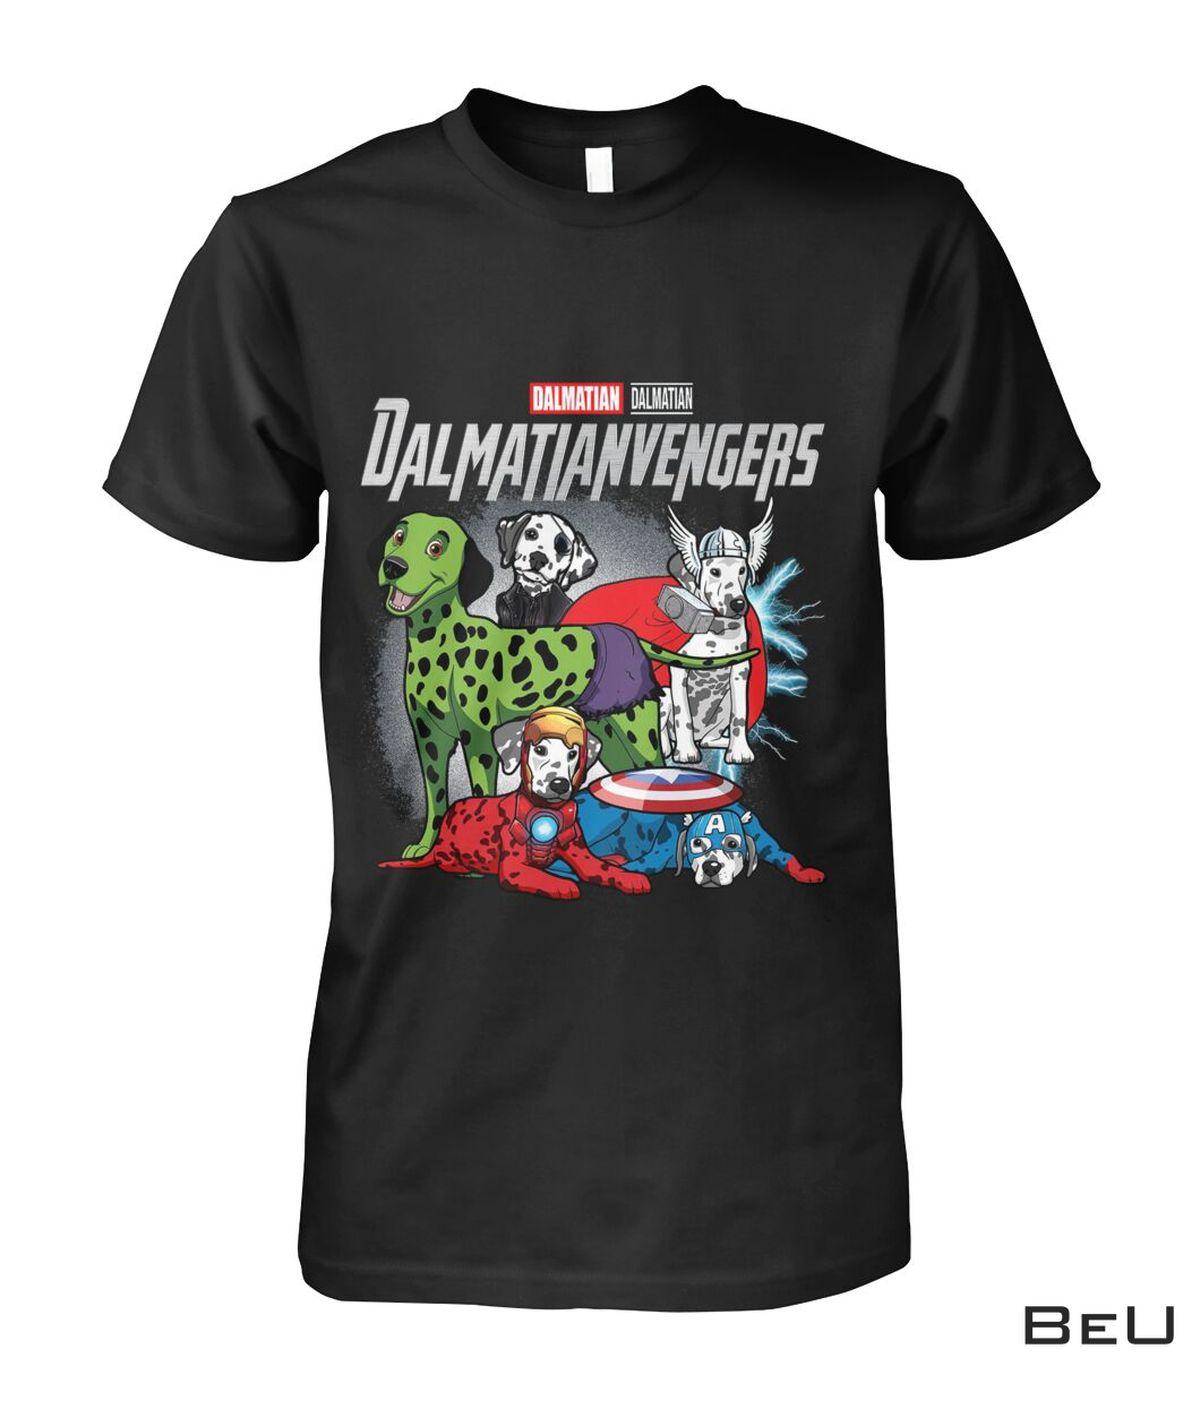 Dalmatian Dalmatianvengers Avengers Shirt